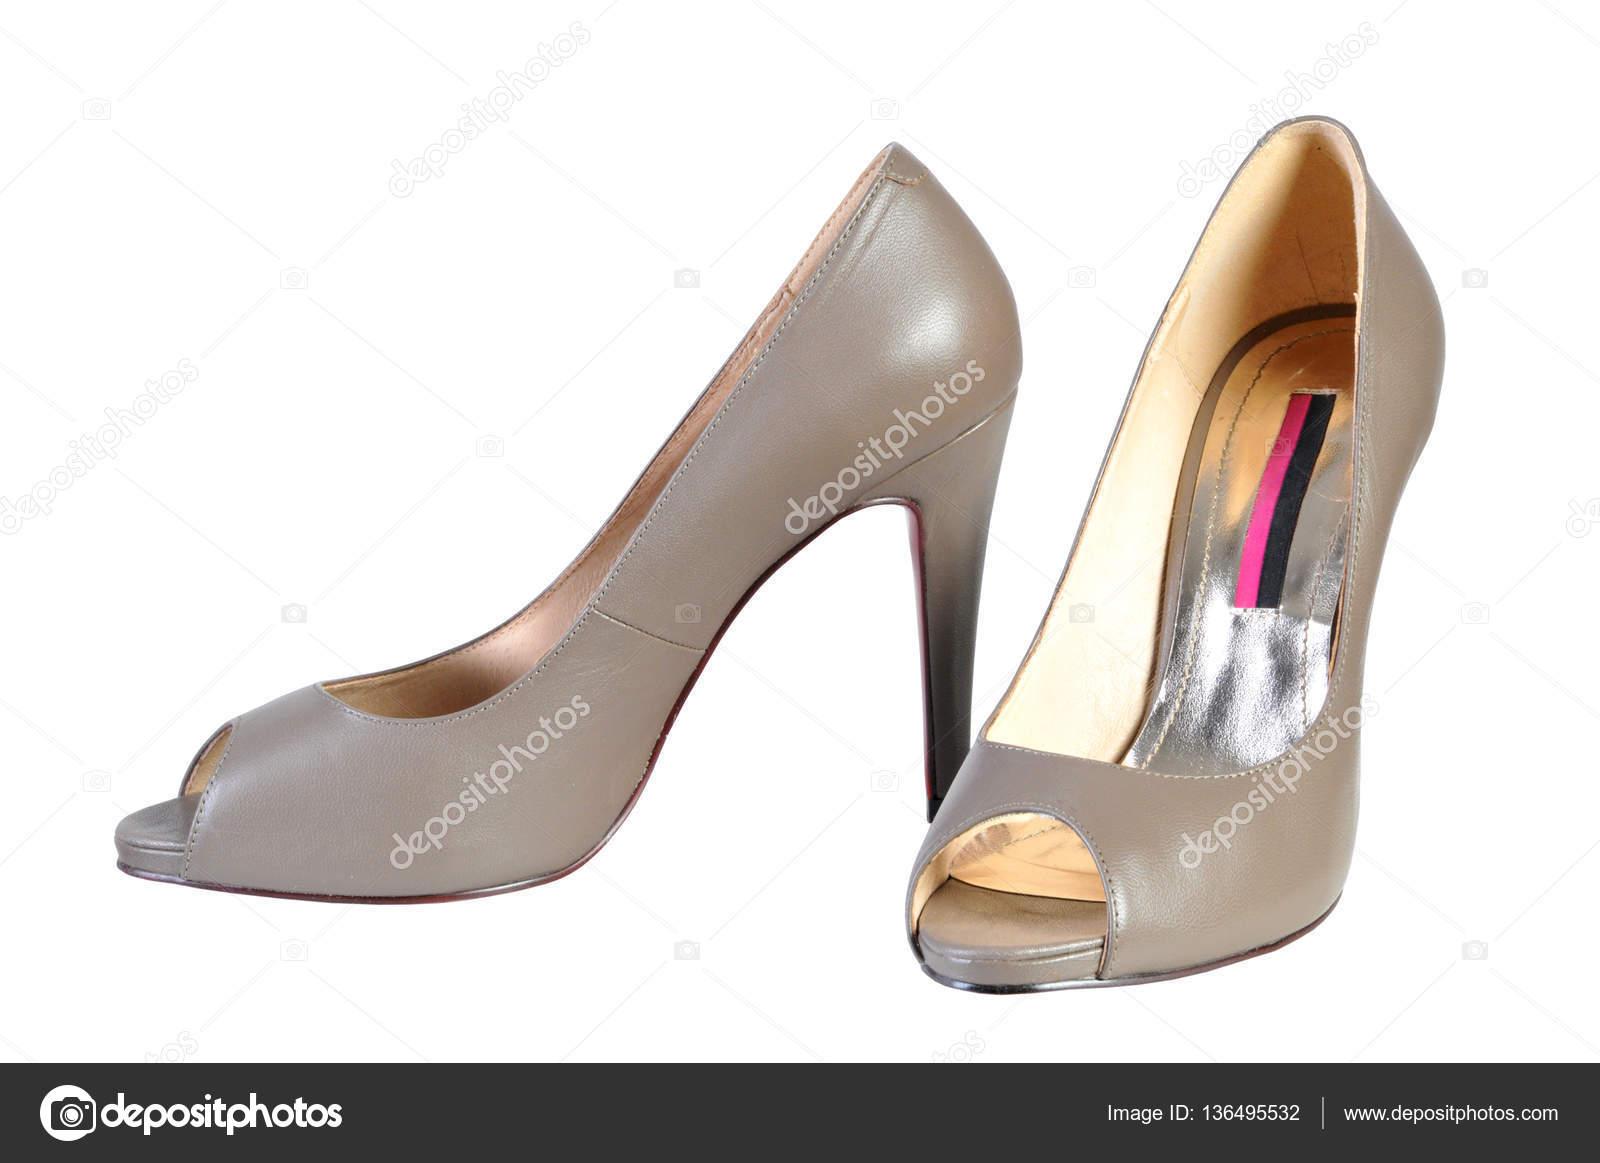 7a60de8335 Mulher marrom moda sapato sapatos de salto alto no fundo branco —  Fotografia de Stock